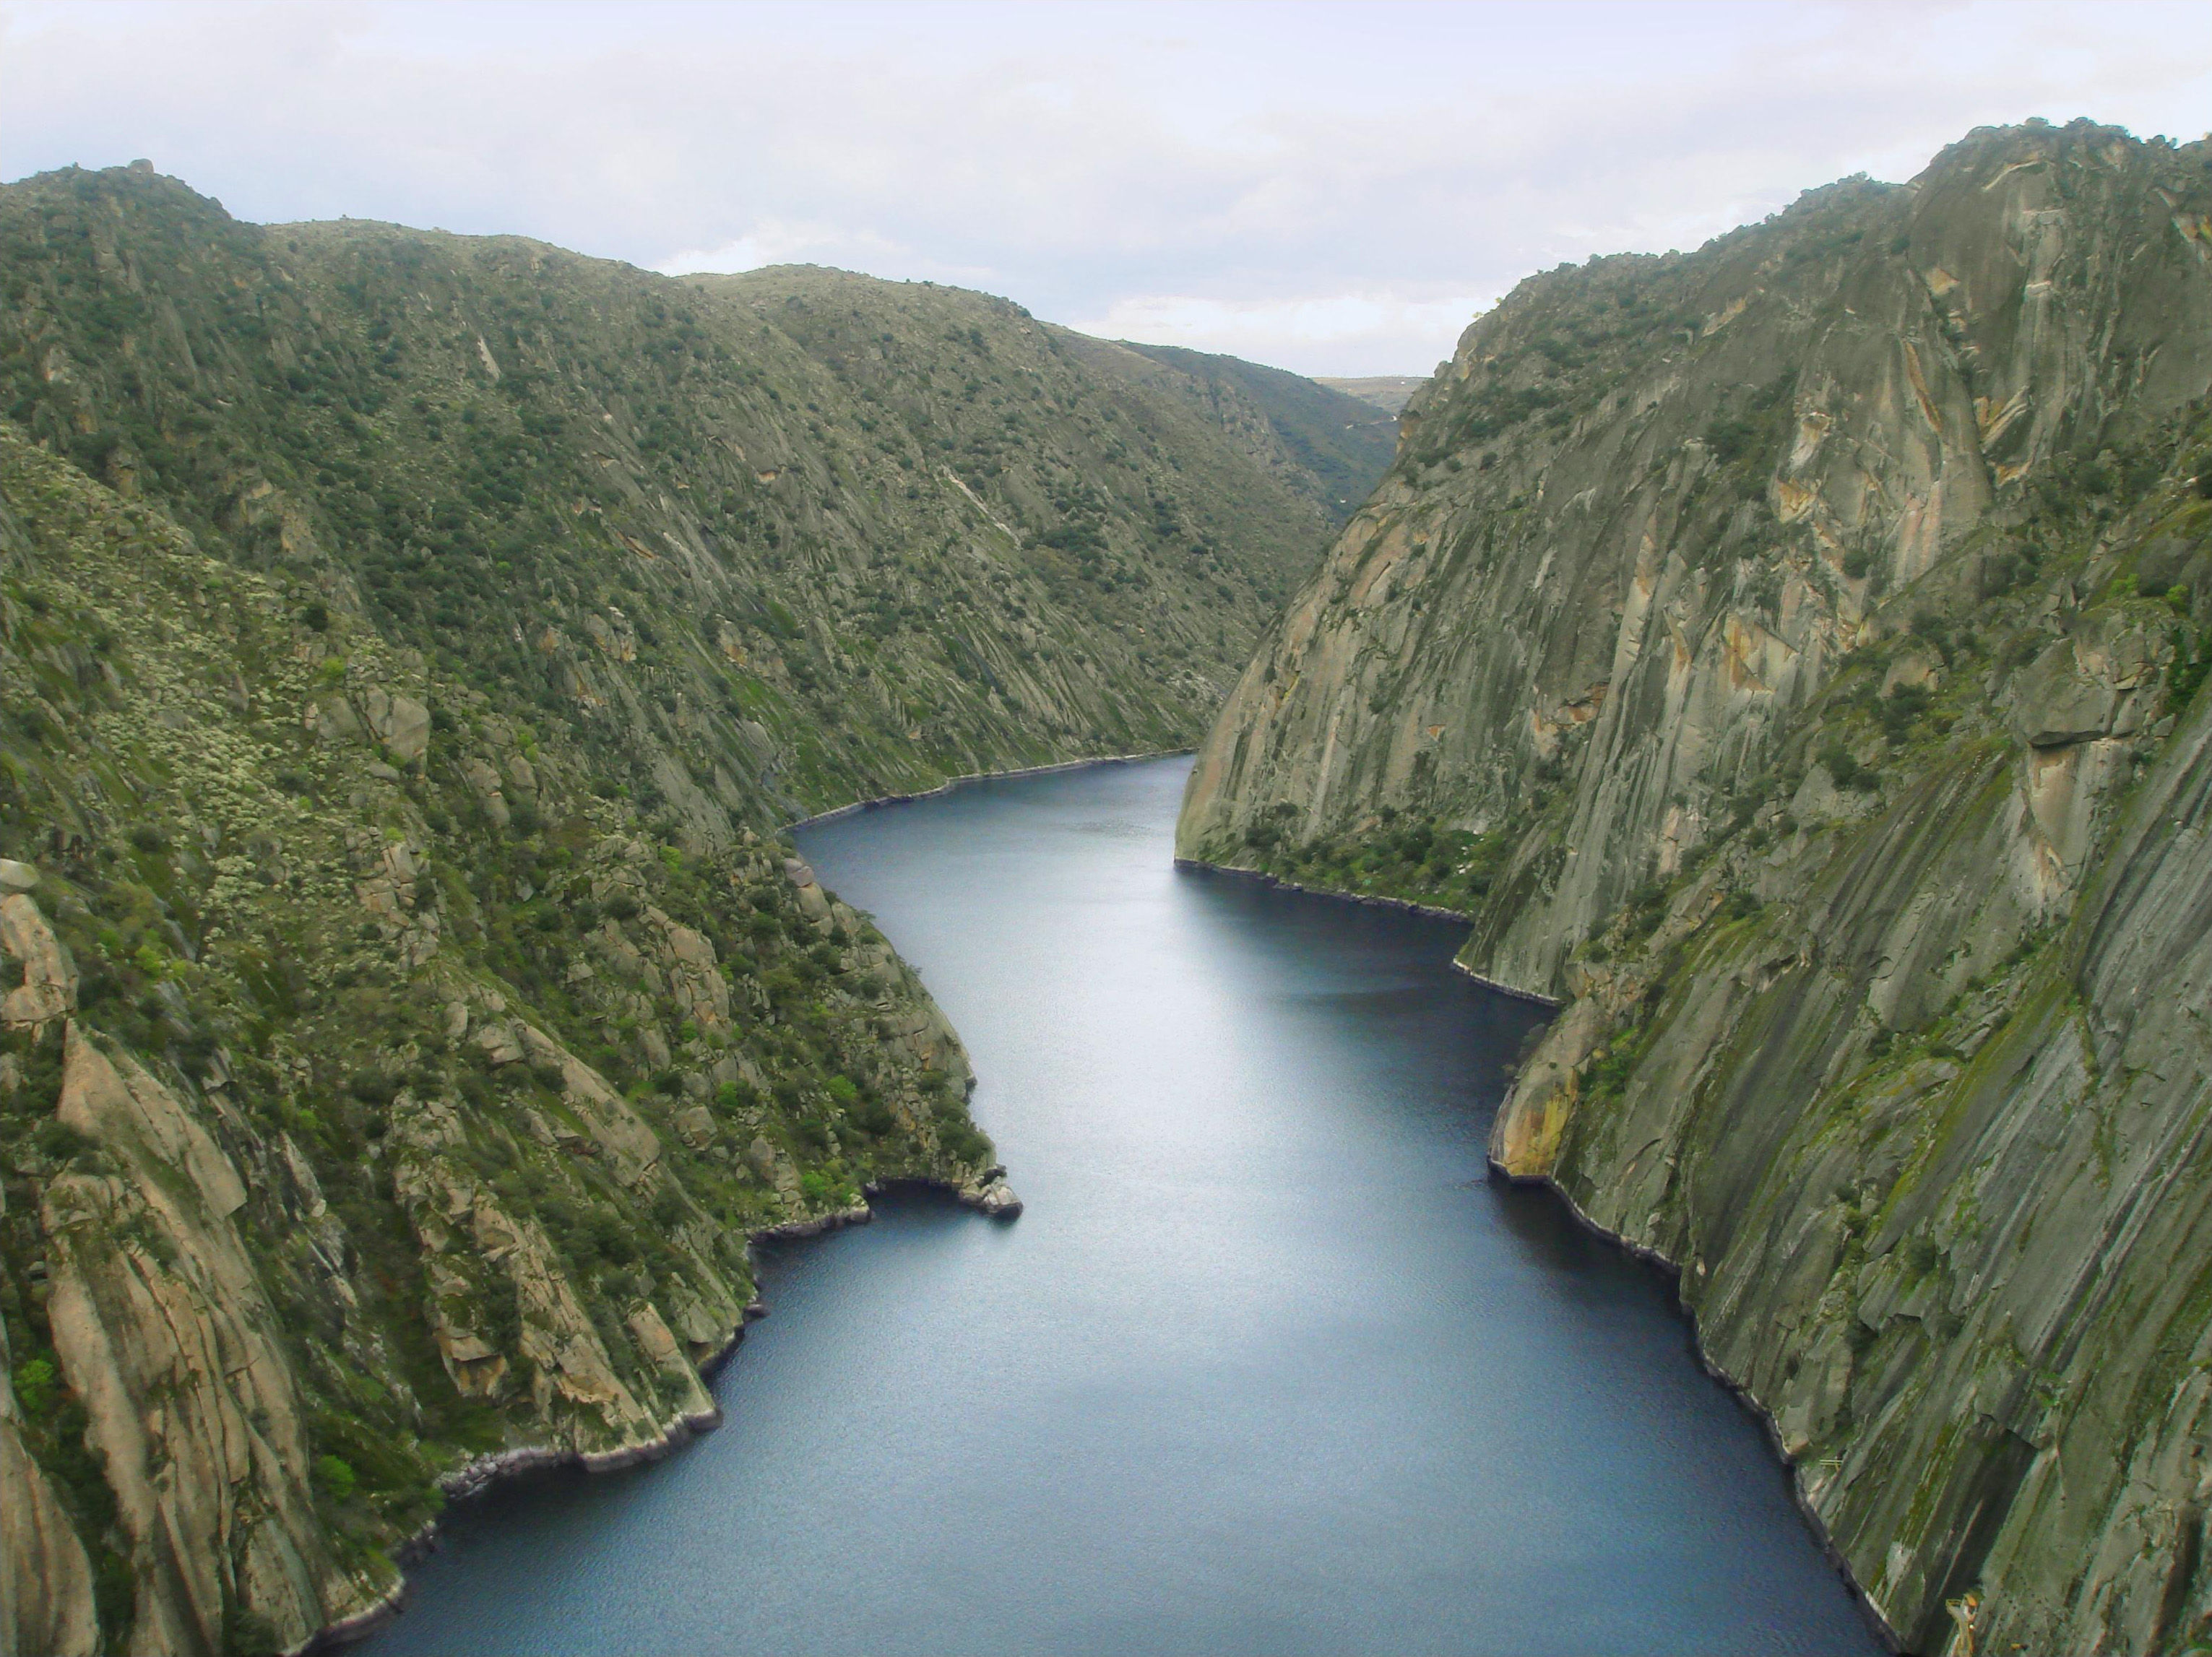 Y... ¿cuál es el río más caudaloso de la península?